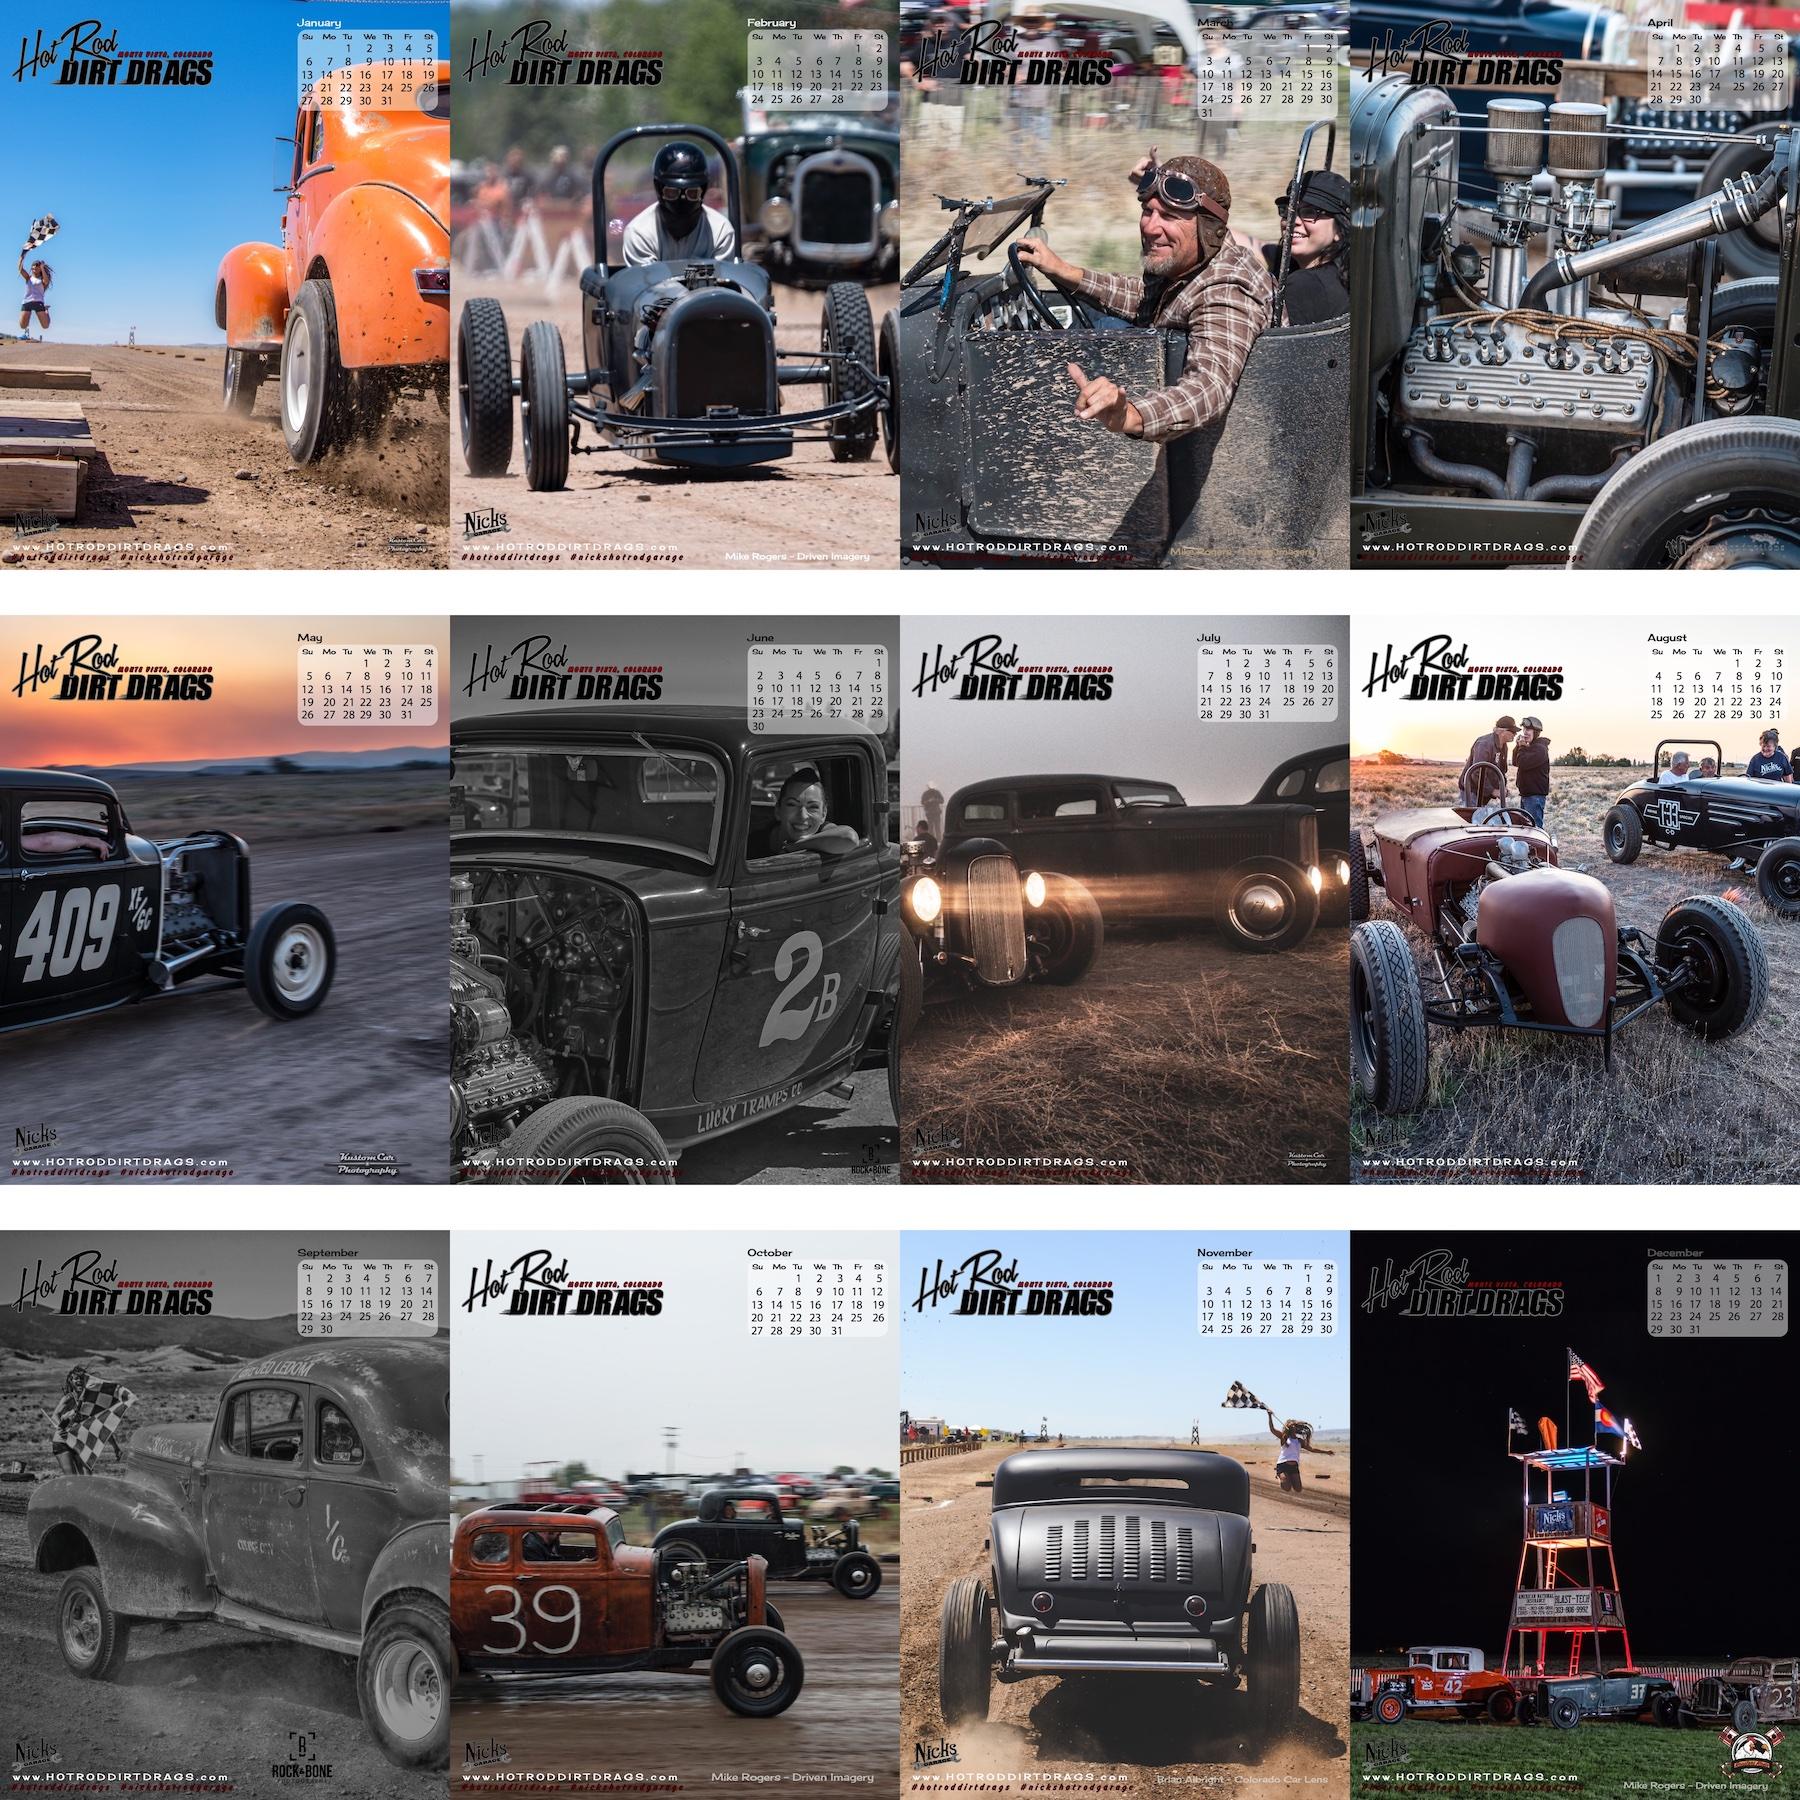 2019 Hot Rod Dirt Drags Calendar